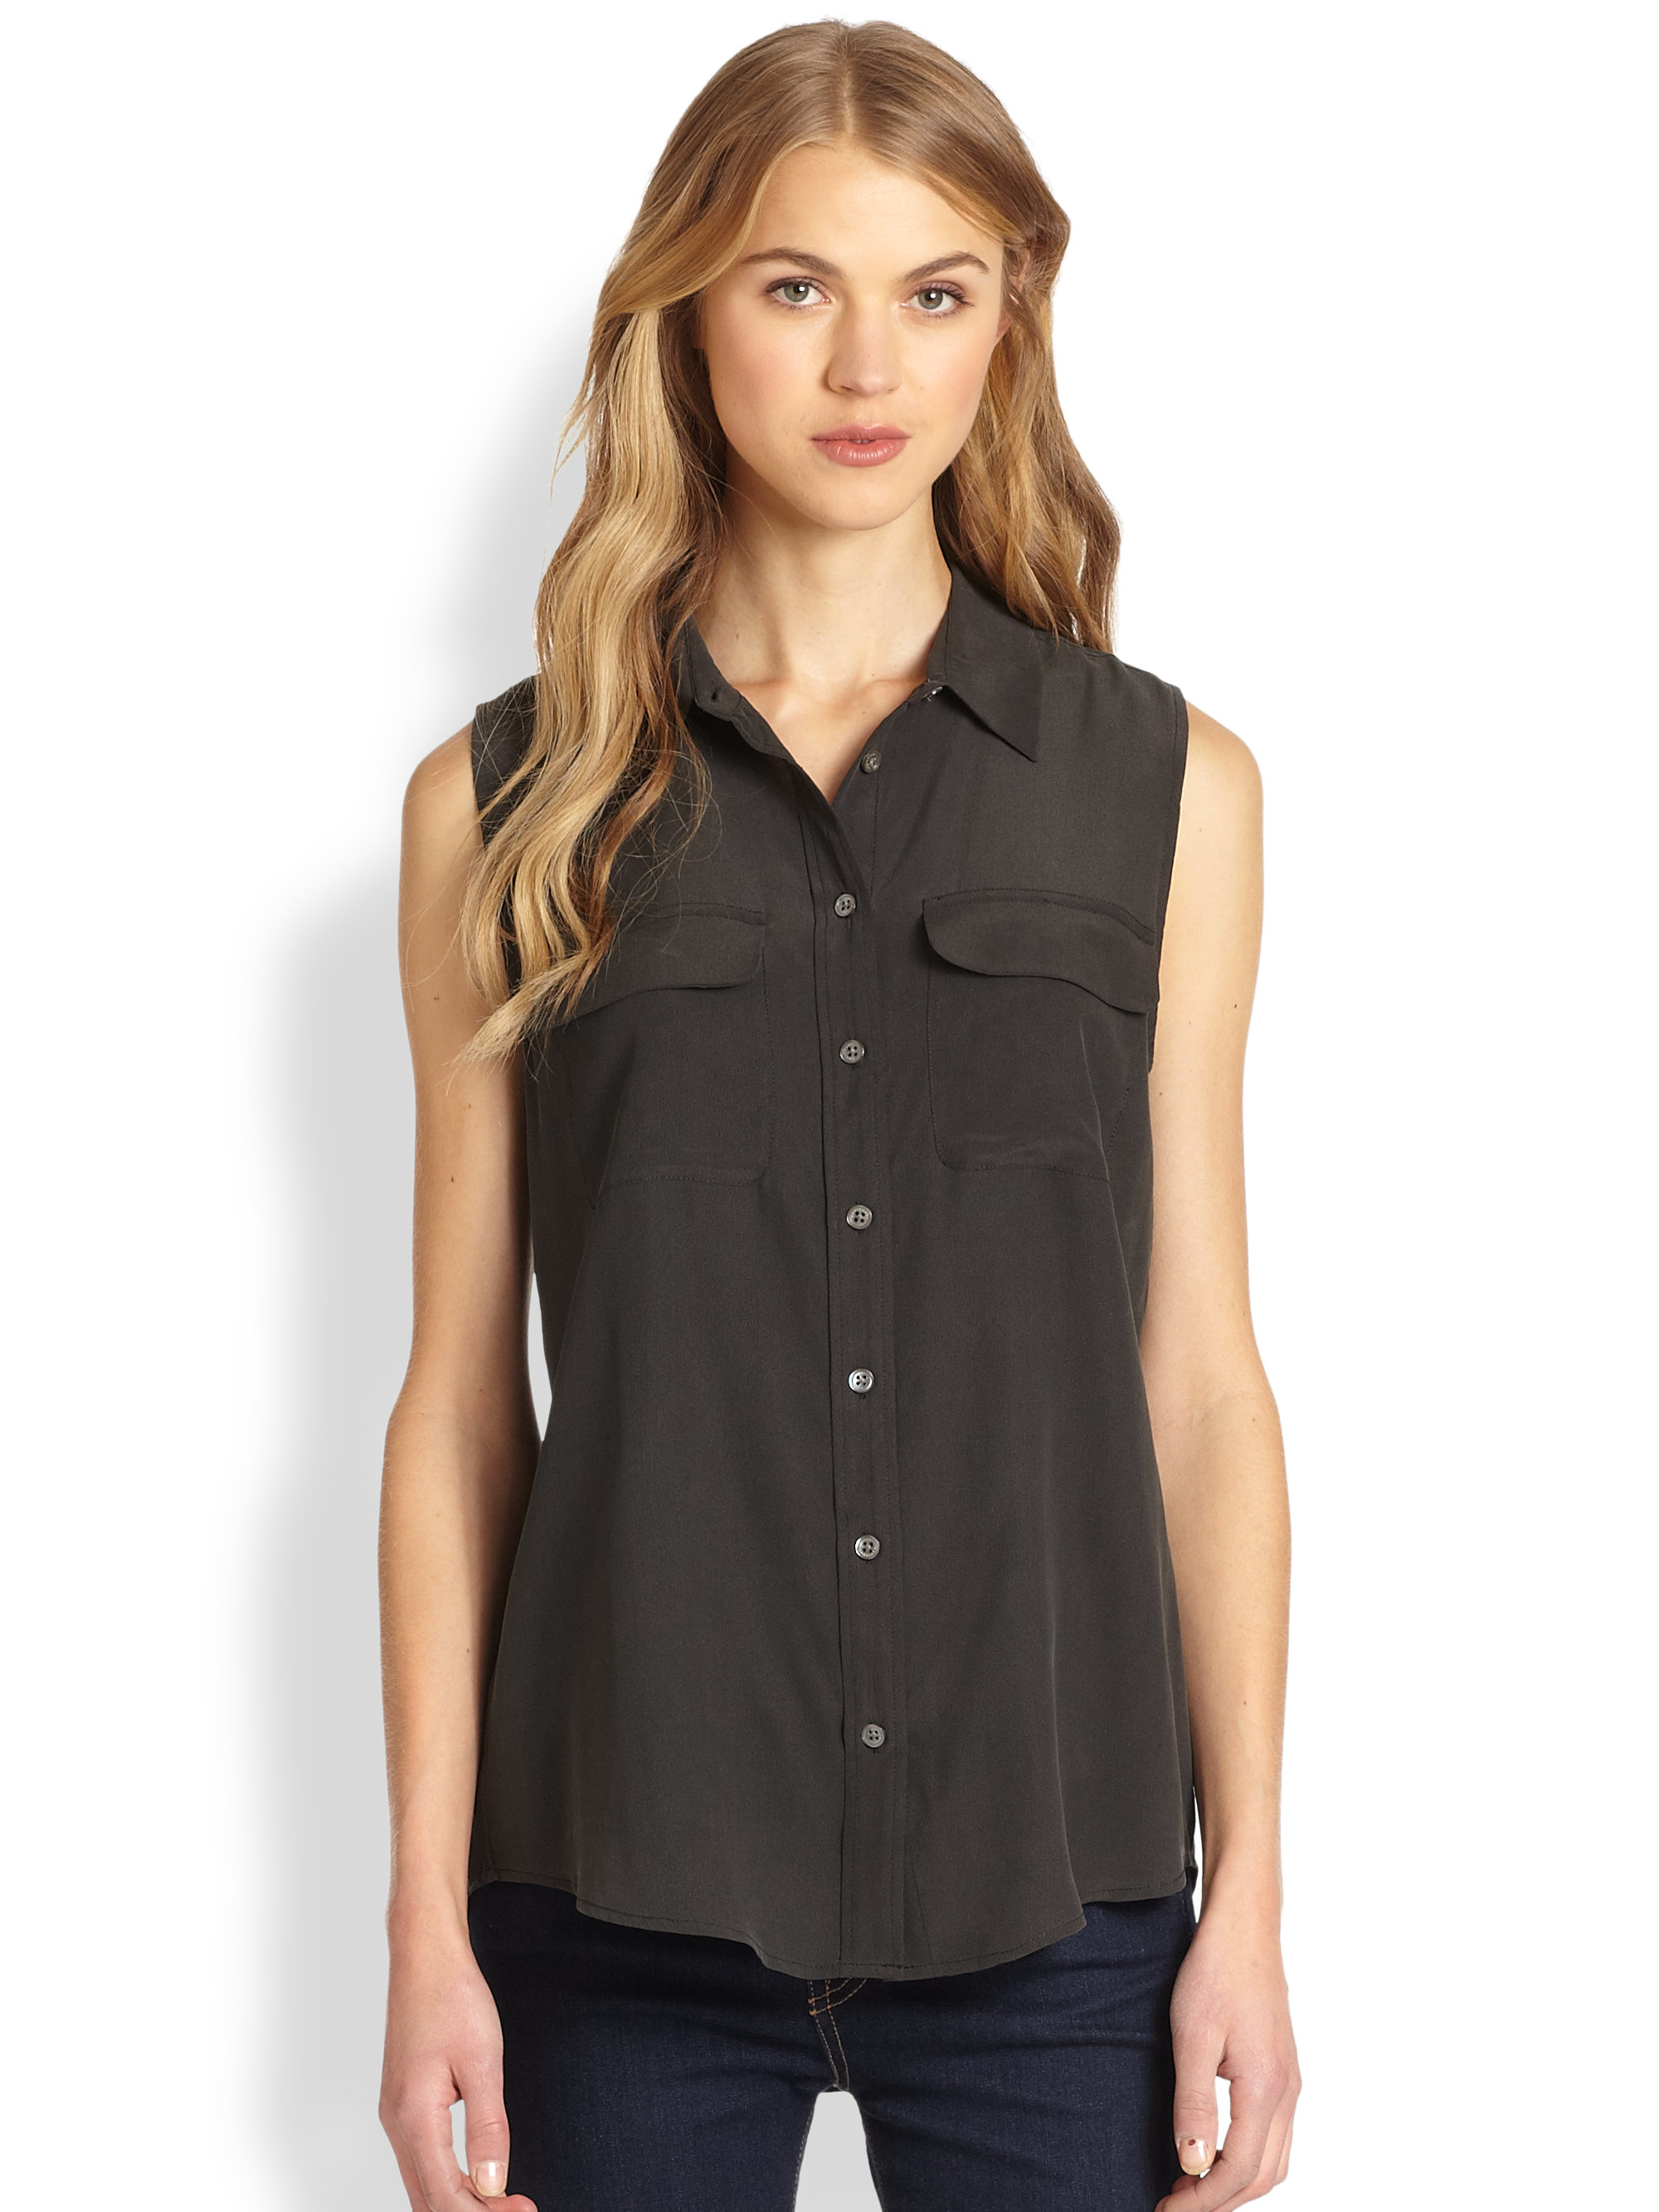 Equipment slim signature silk sleeveless shirt in black lyst for Equipment black silk shirt